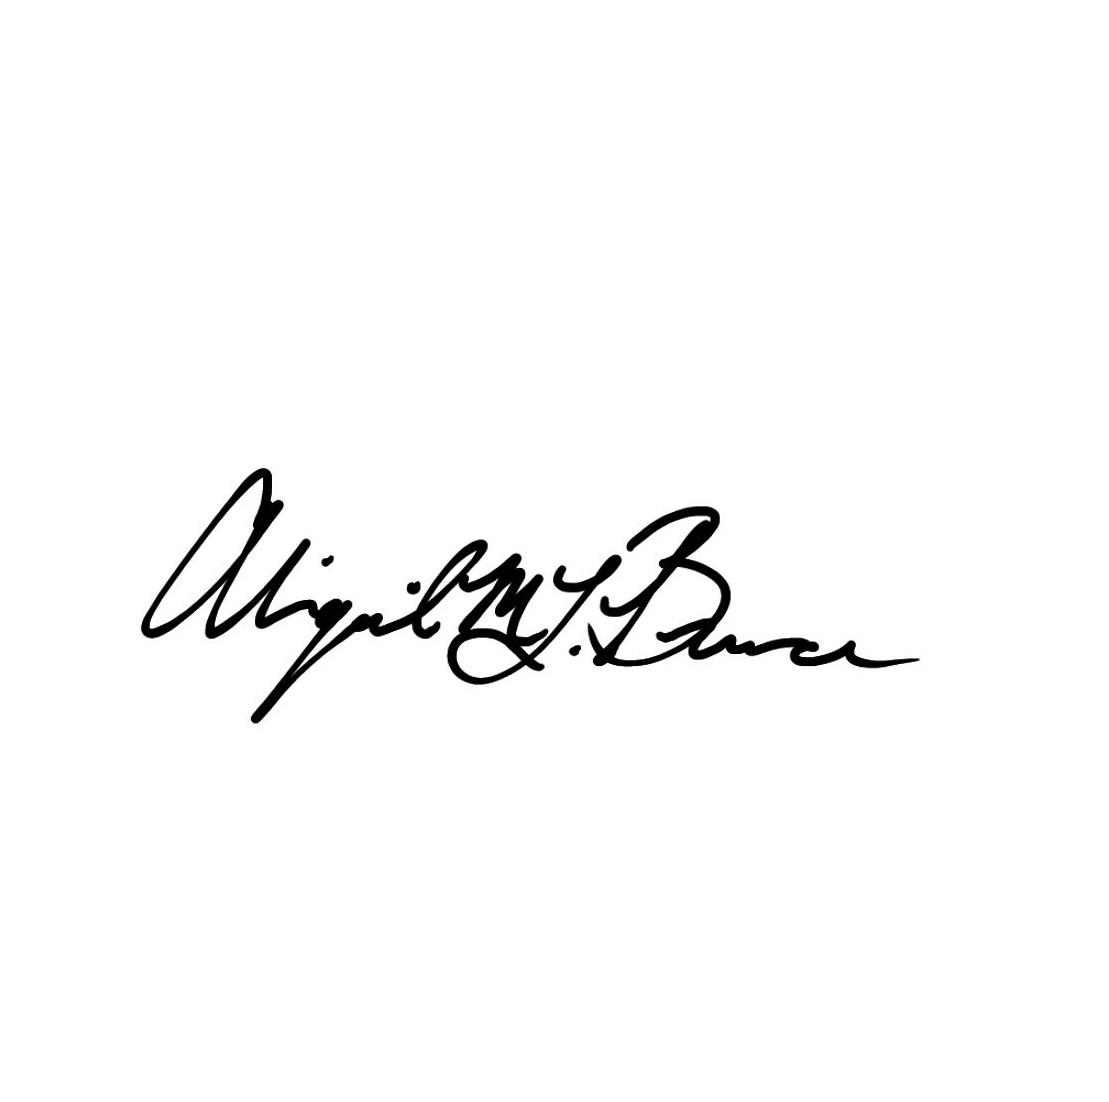 Abigail Bruce's Signature